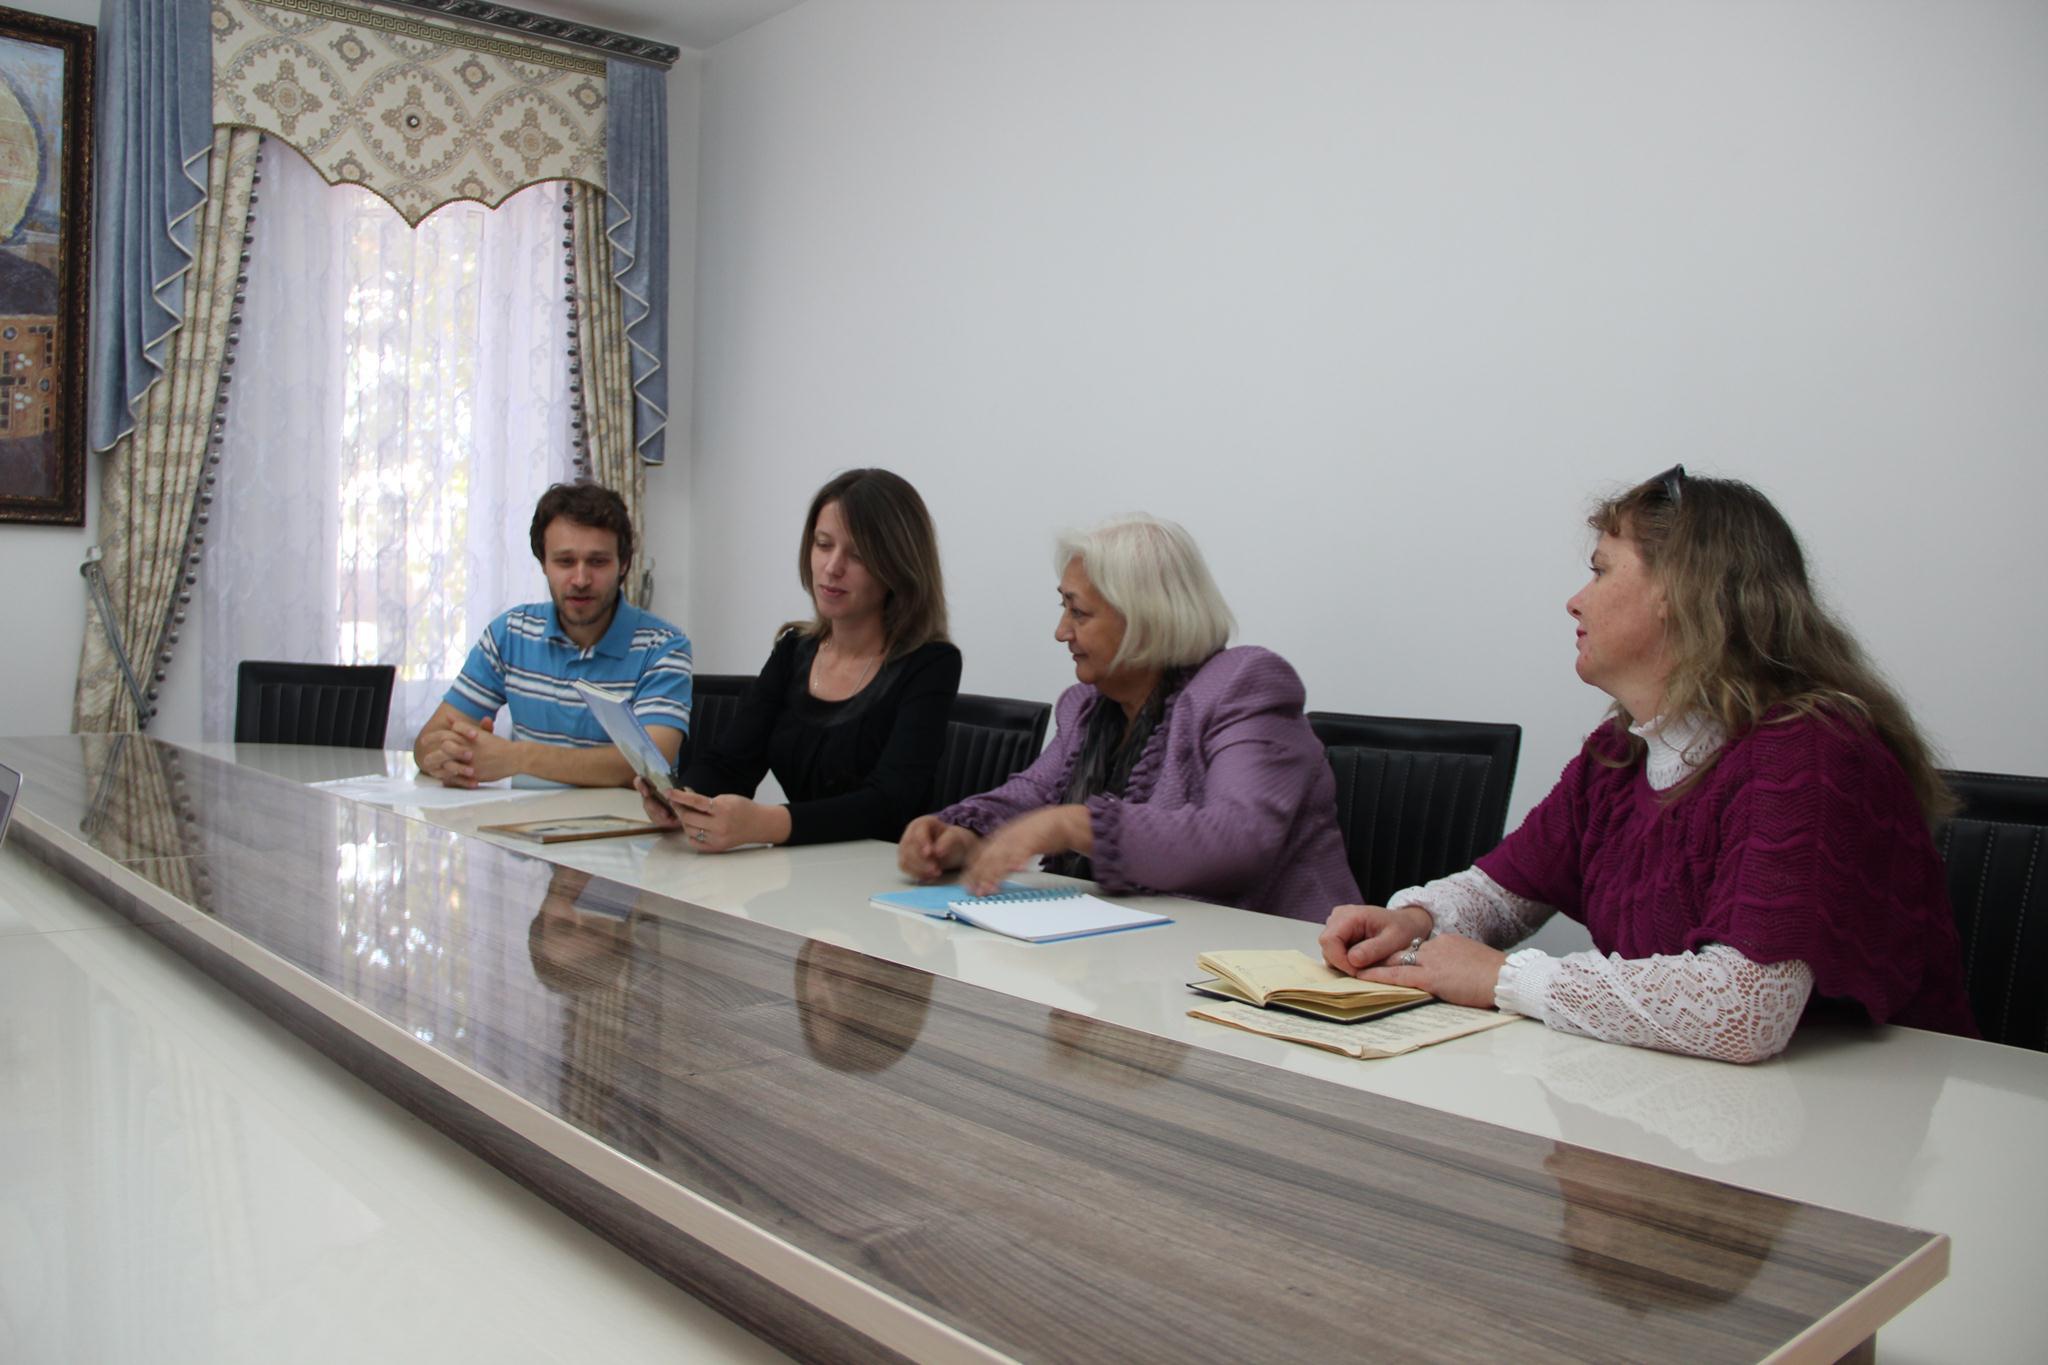 В день памяти родителей преподобного Сергия Радонежского в Душанбинской епархии состоялся круглый стол о православном воспитании